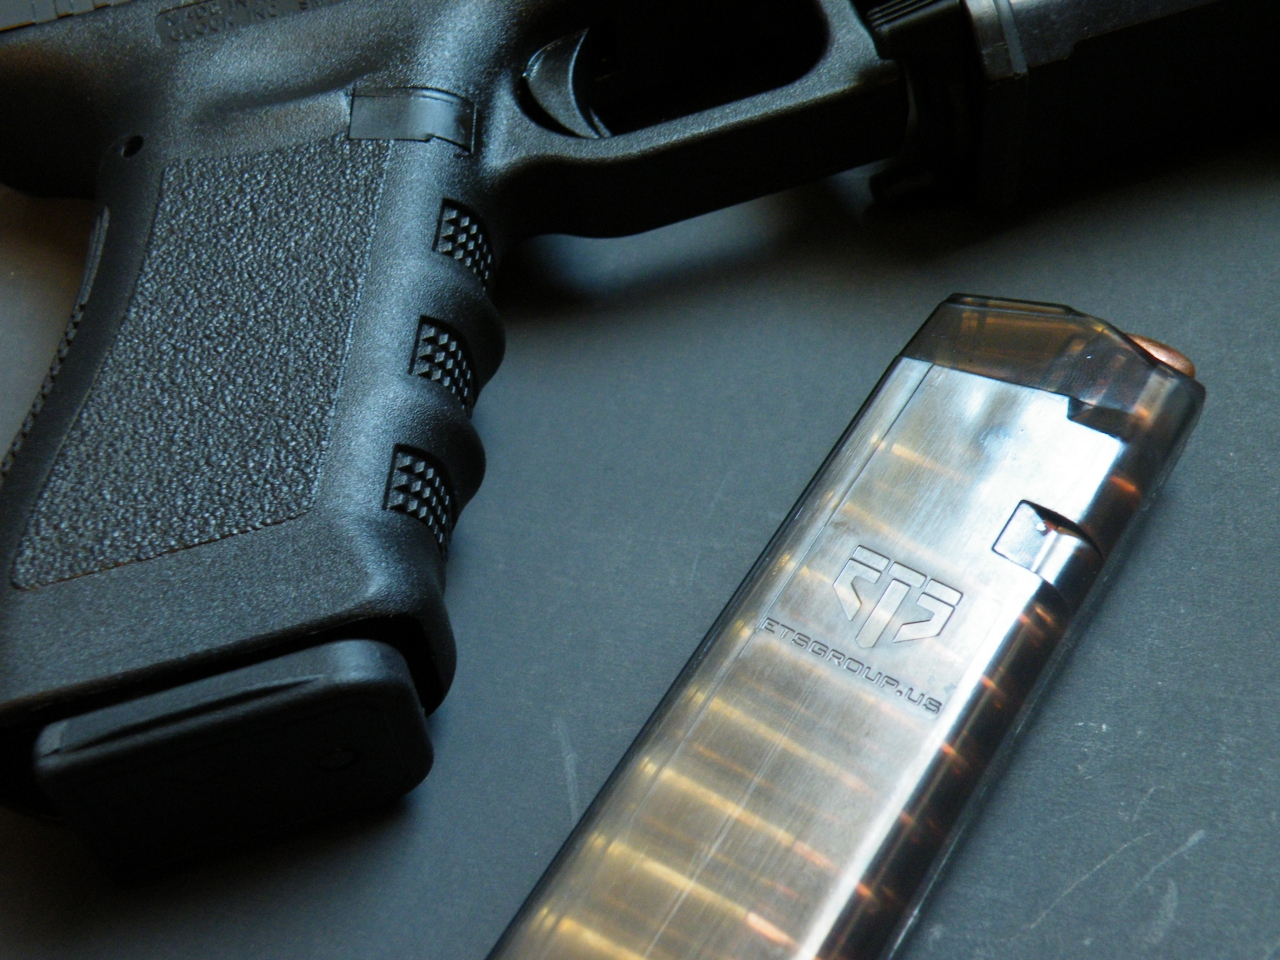 TTI PMAG BP 223 +5 BLK - shootingsurplus.com